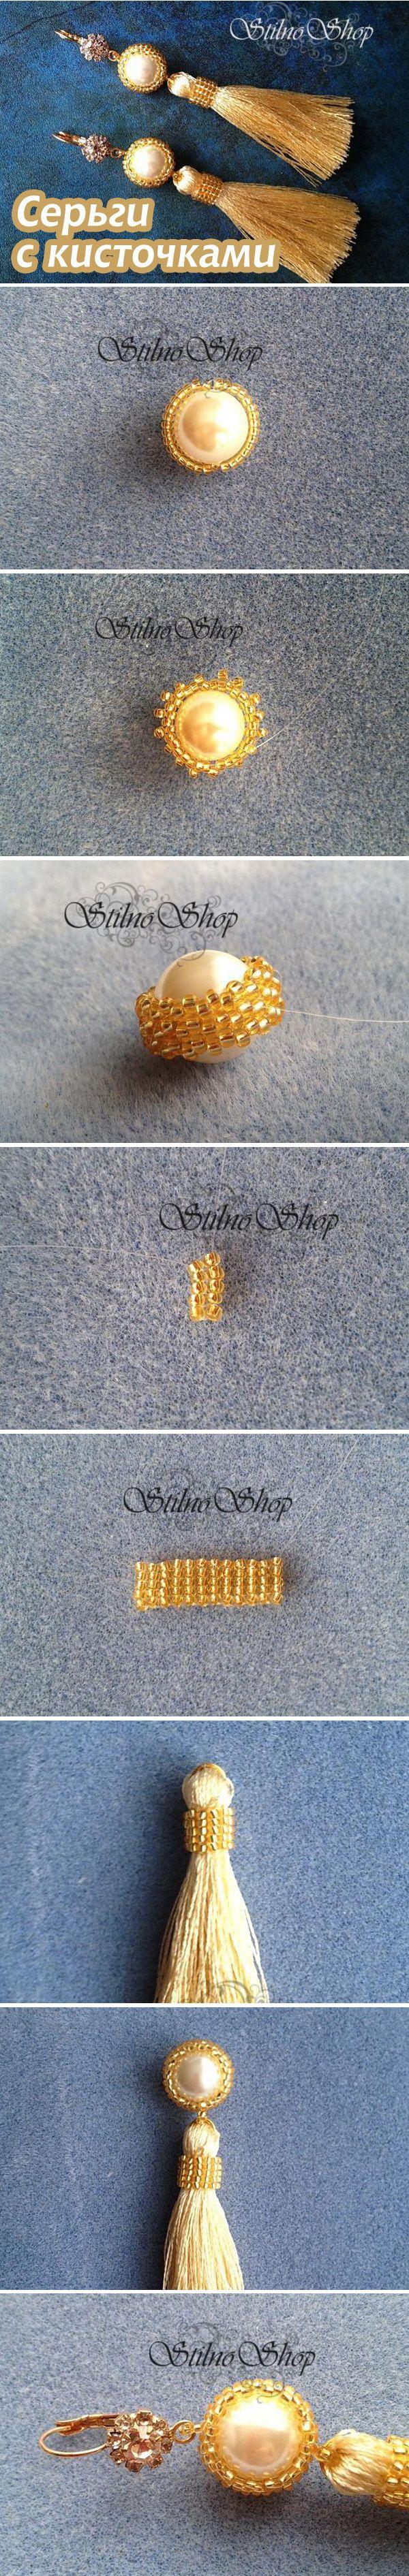 Создаем модные серьги с кисточками / Tassel Earrings Tutorial #diy #howto